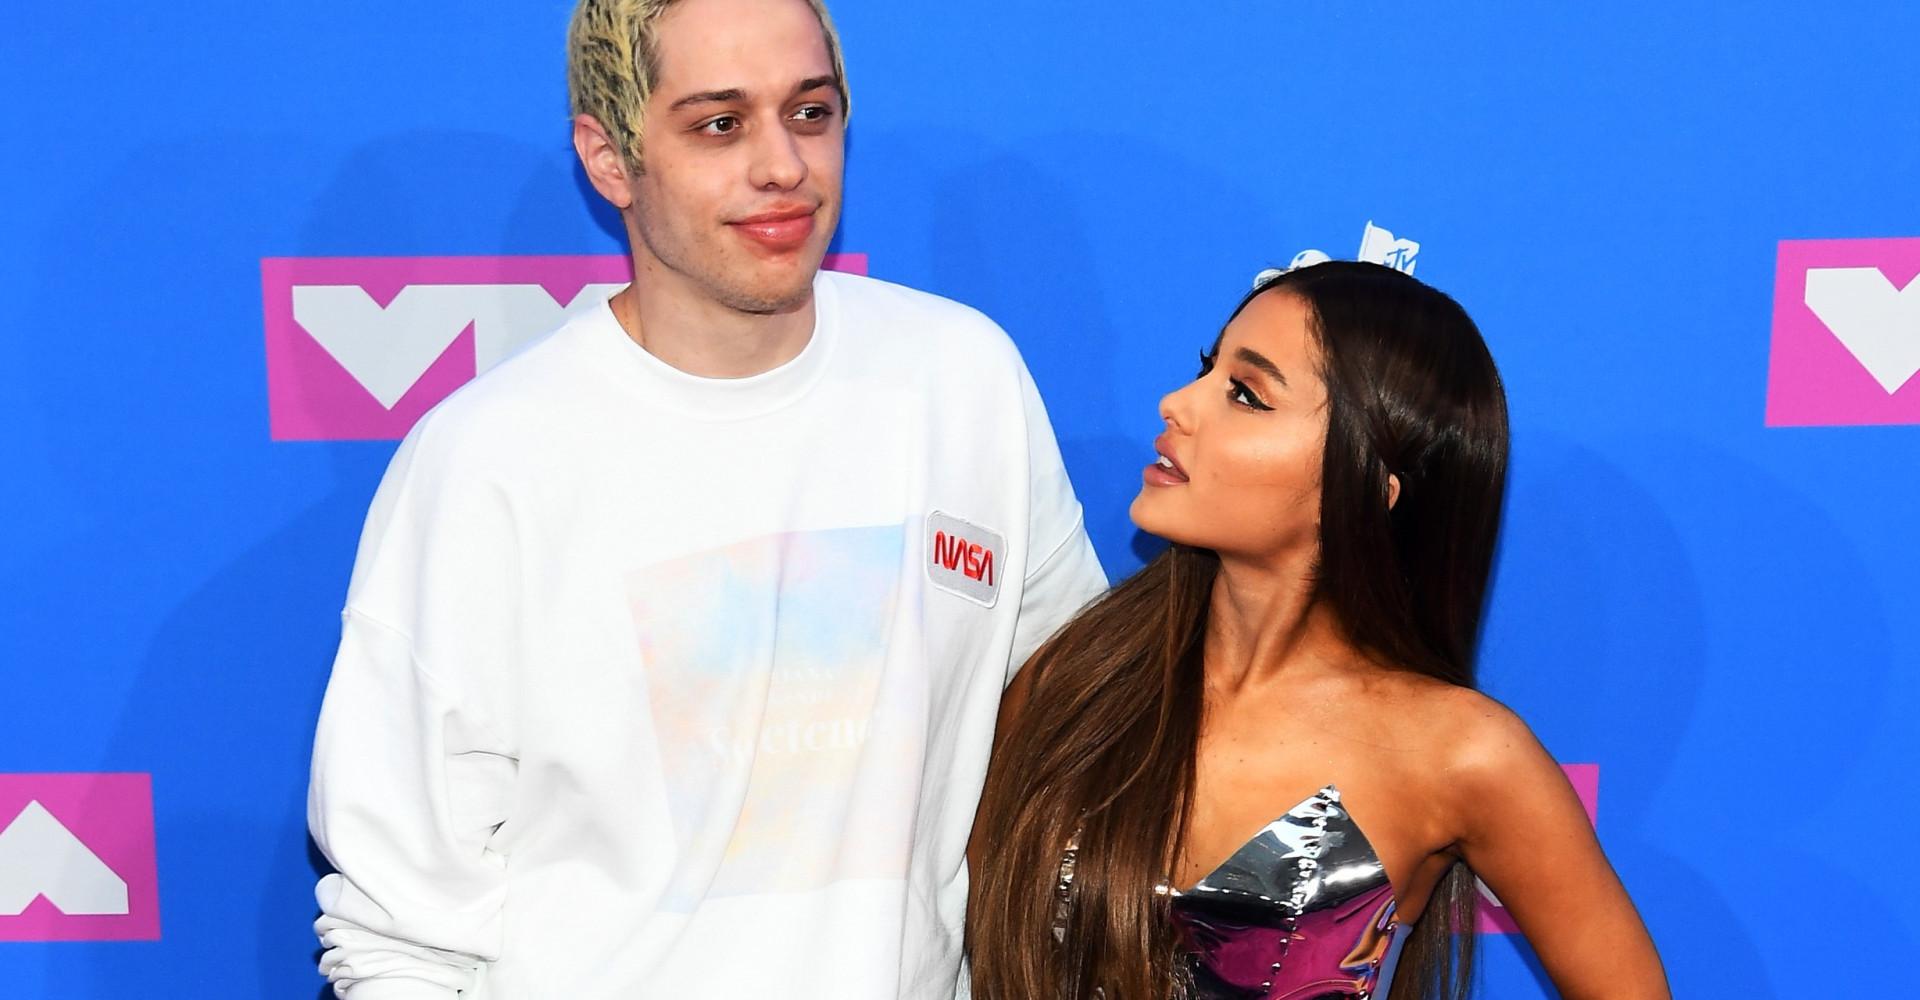 Médico diz que Pete Davidson deve se manter longe de Ariana Grande